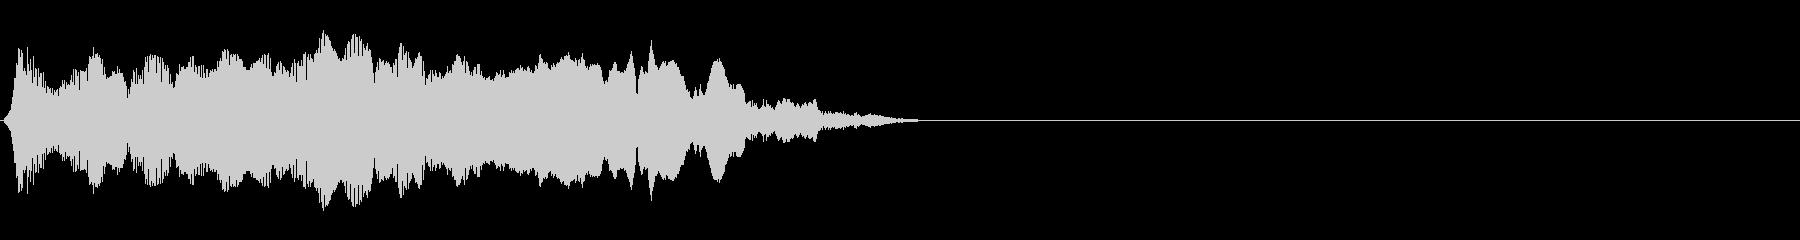 トーンハーモニーugい秋b wavの未再生の波形